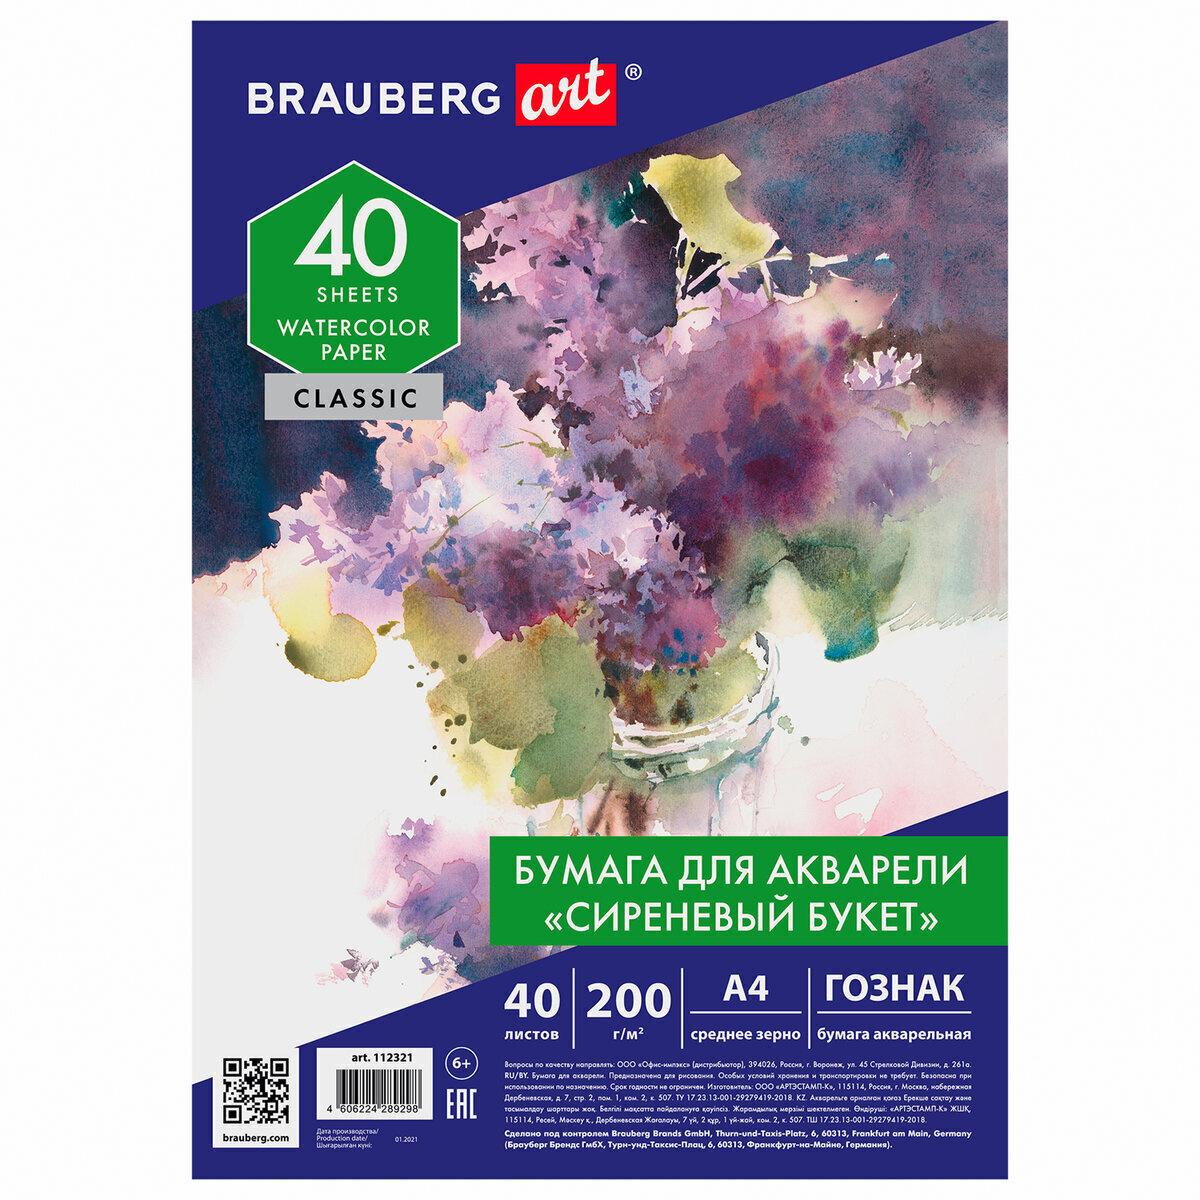 Бумага для акварели А4, 40 л., Сиреневый Букет, среднее зерно, 200 г/м2, Гознак, Brauberg Art Classic #1